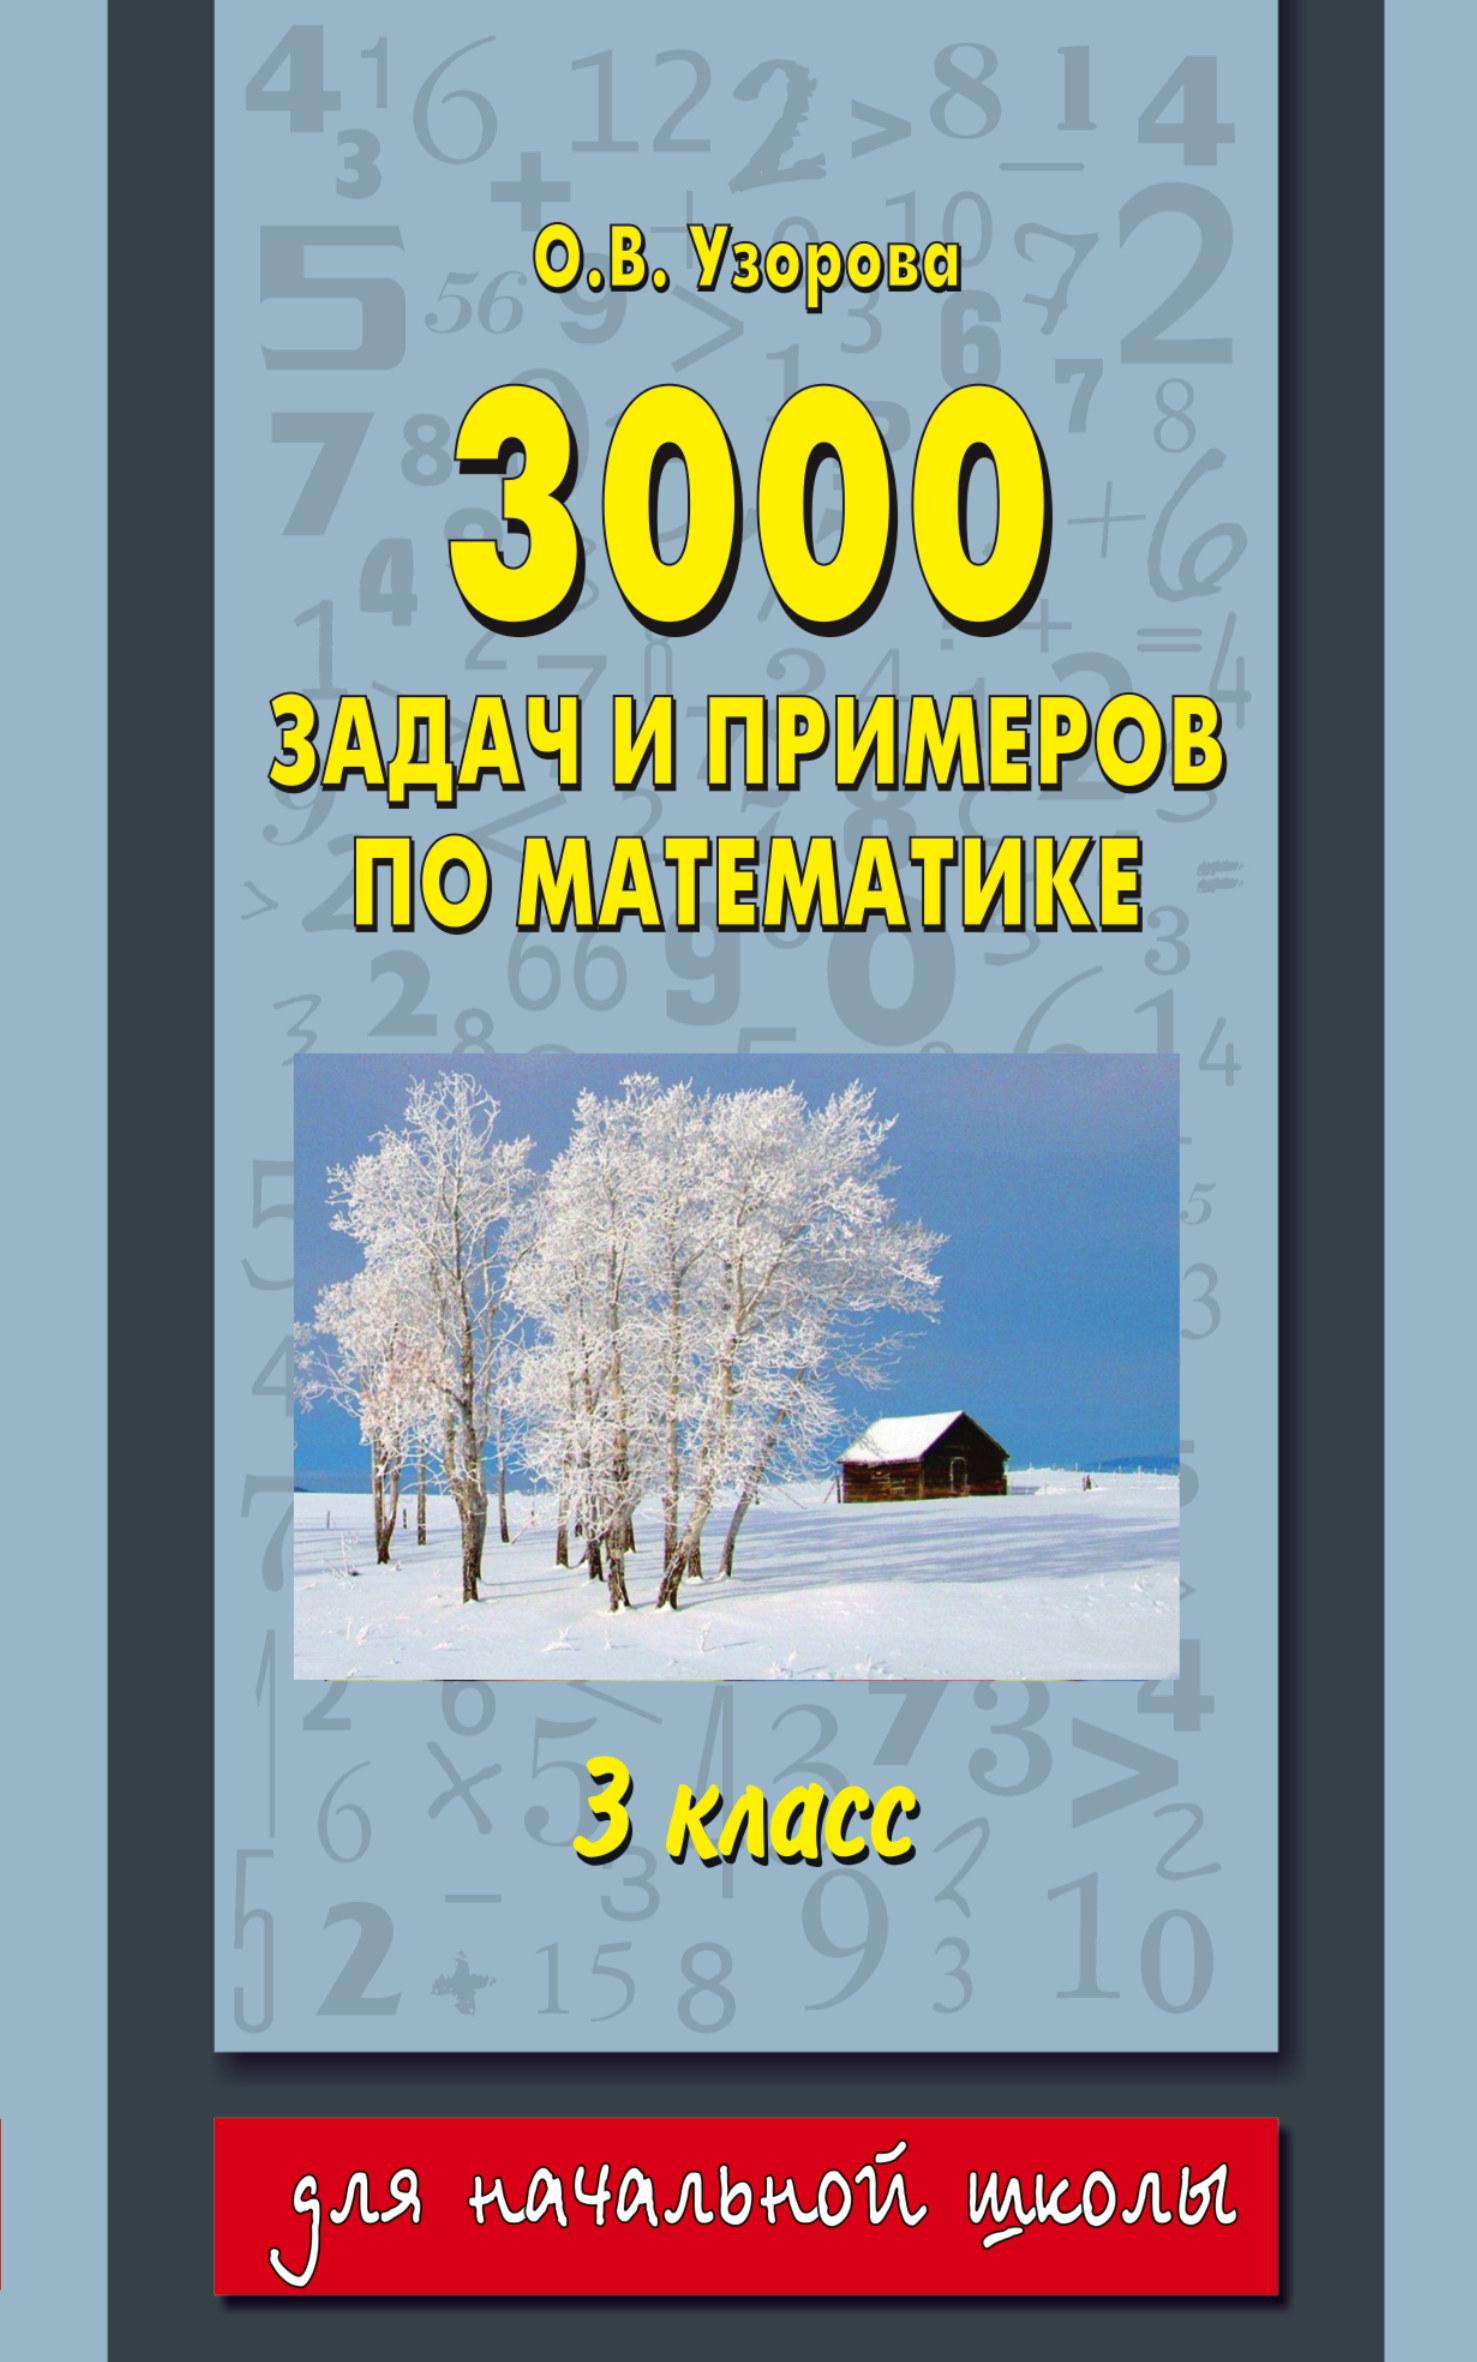 Источник: Узорова О.В.. 3000 задач и примеров по математике. 3 класс